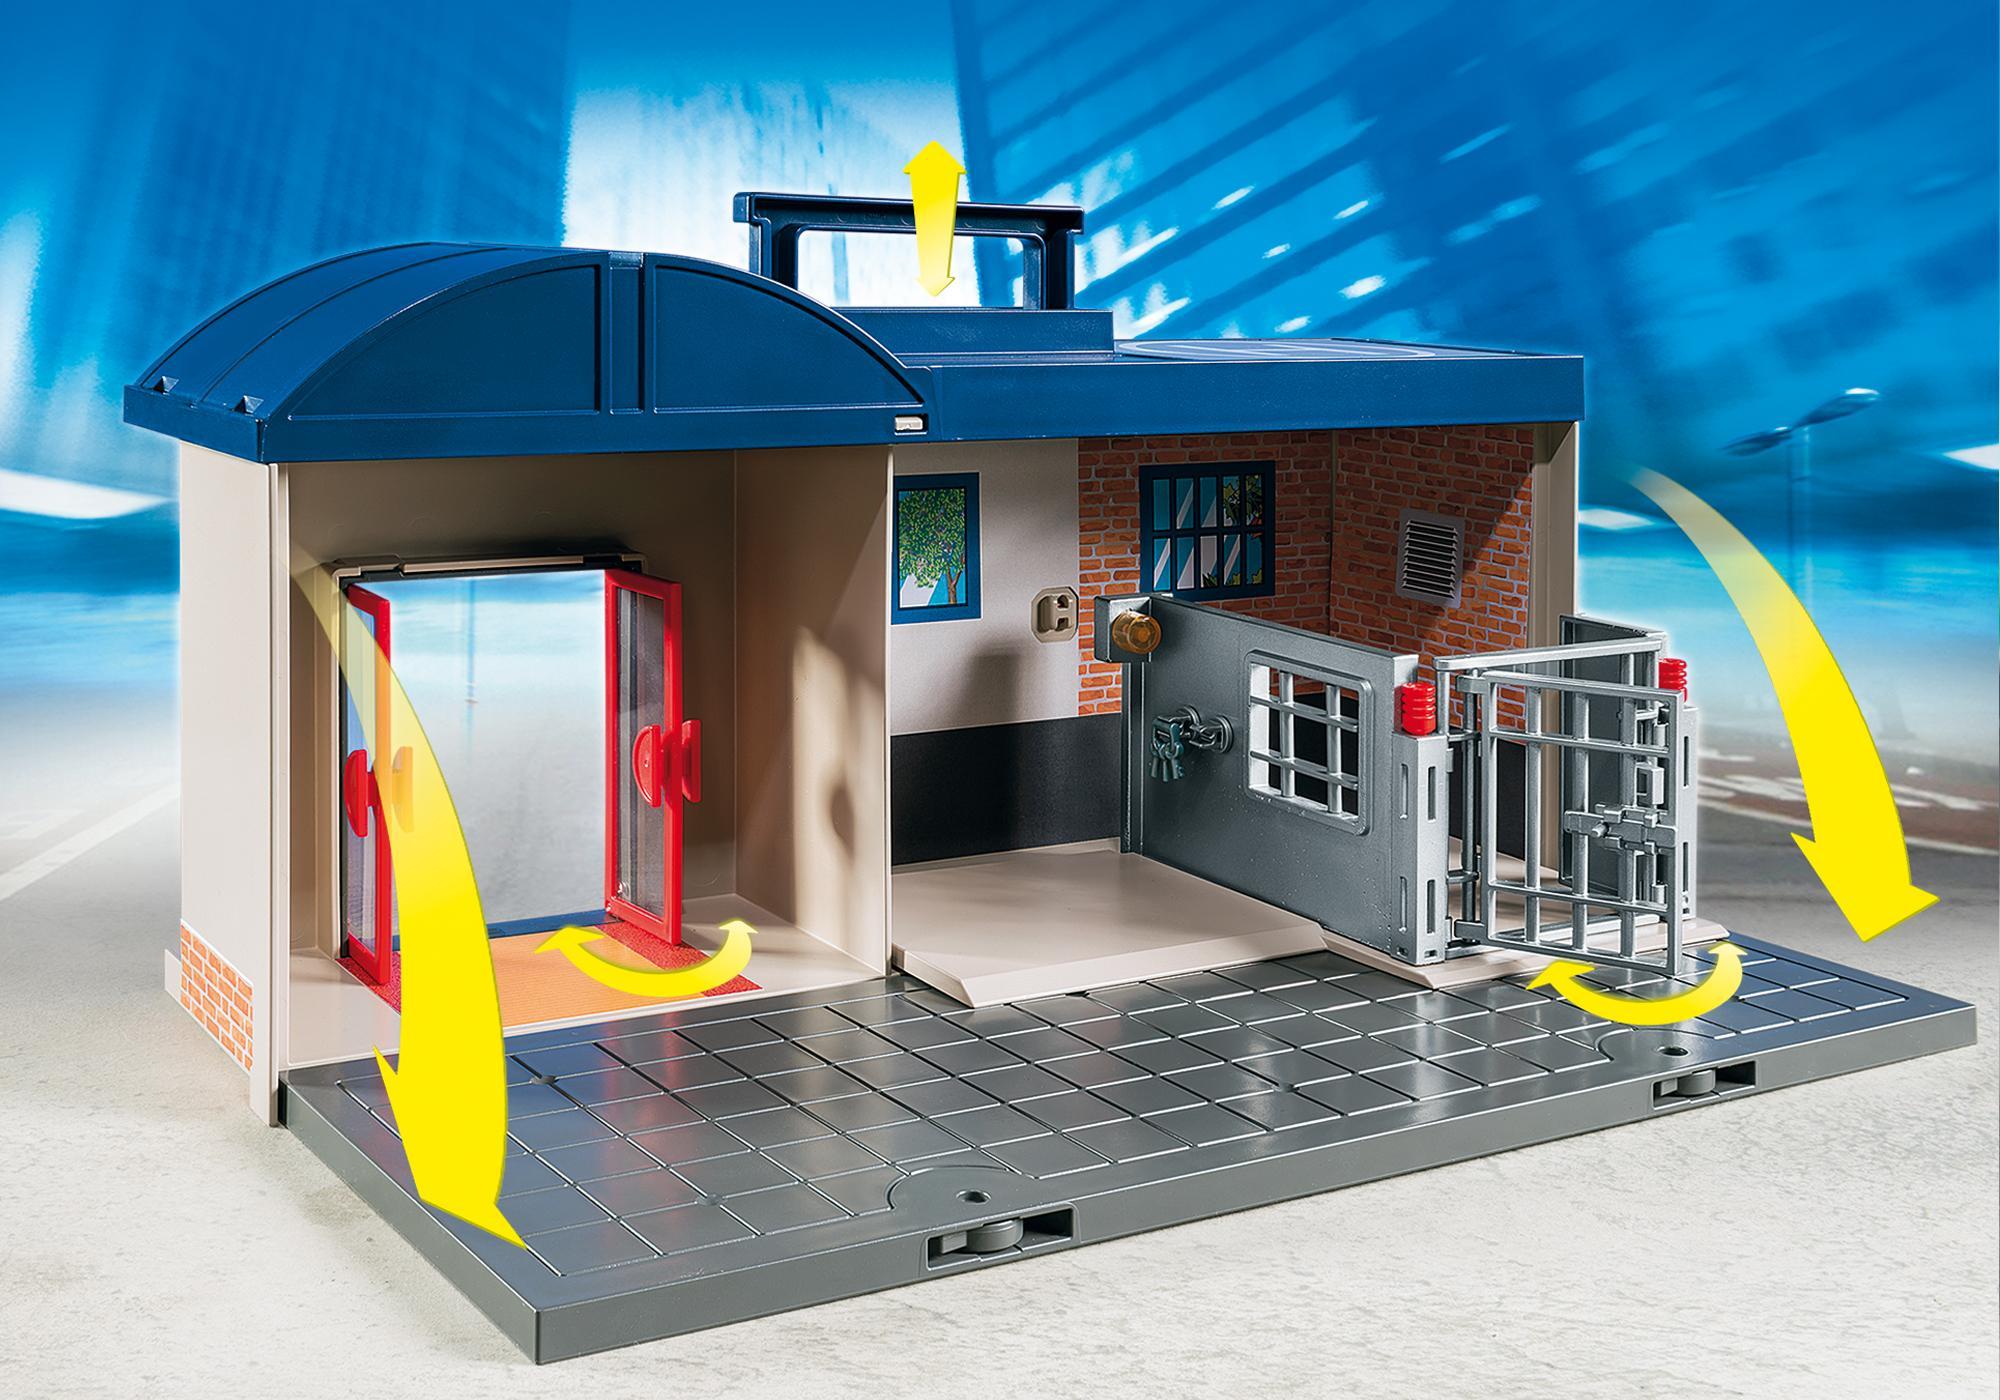 http://media.playmobil.com/i/playmobil/5689_product_extra1/Esquadra de Polícia Maleta